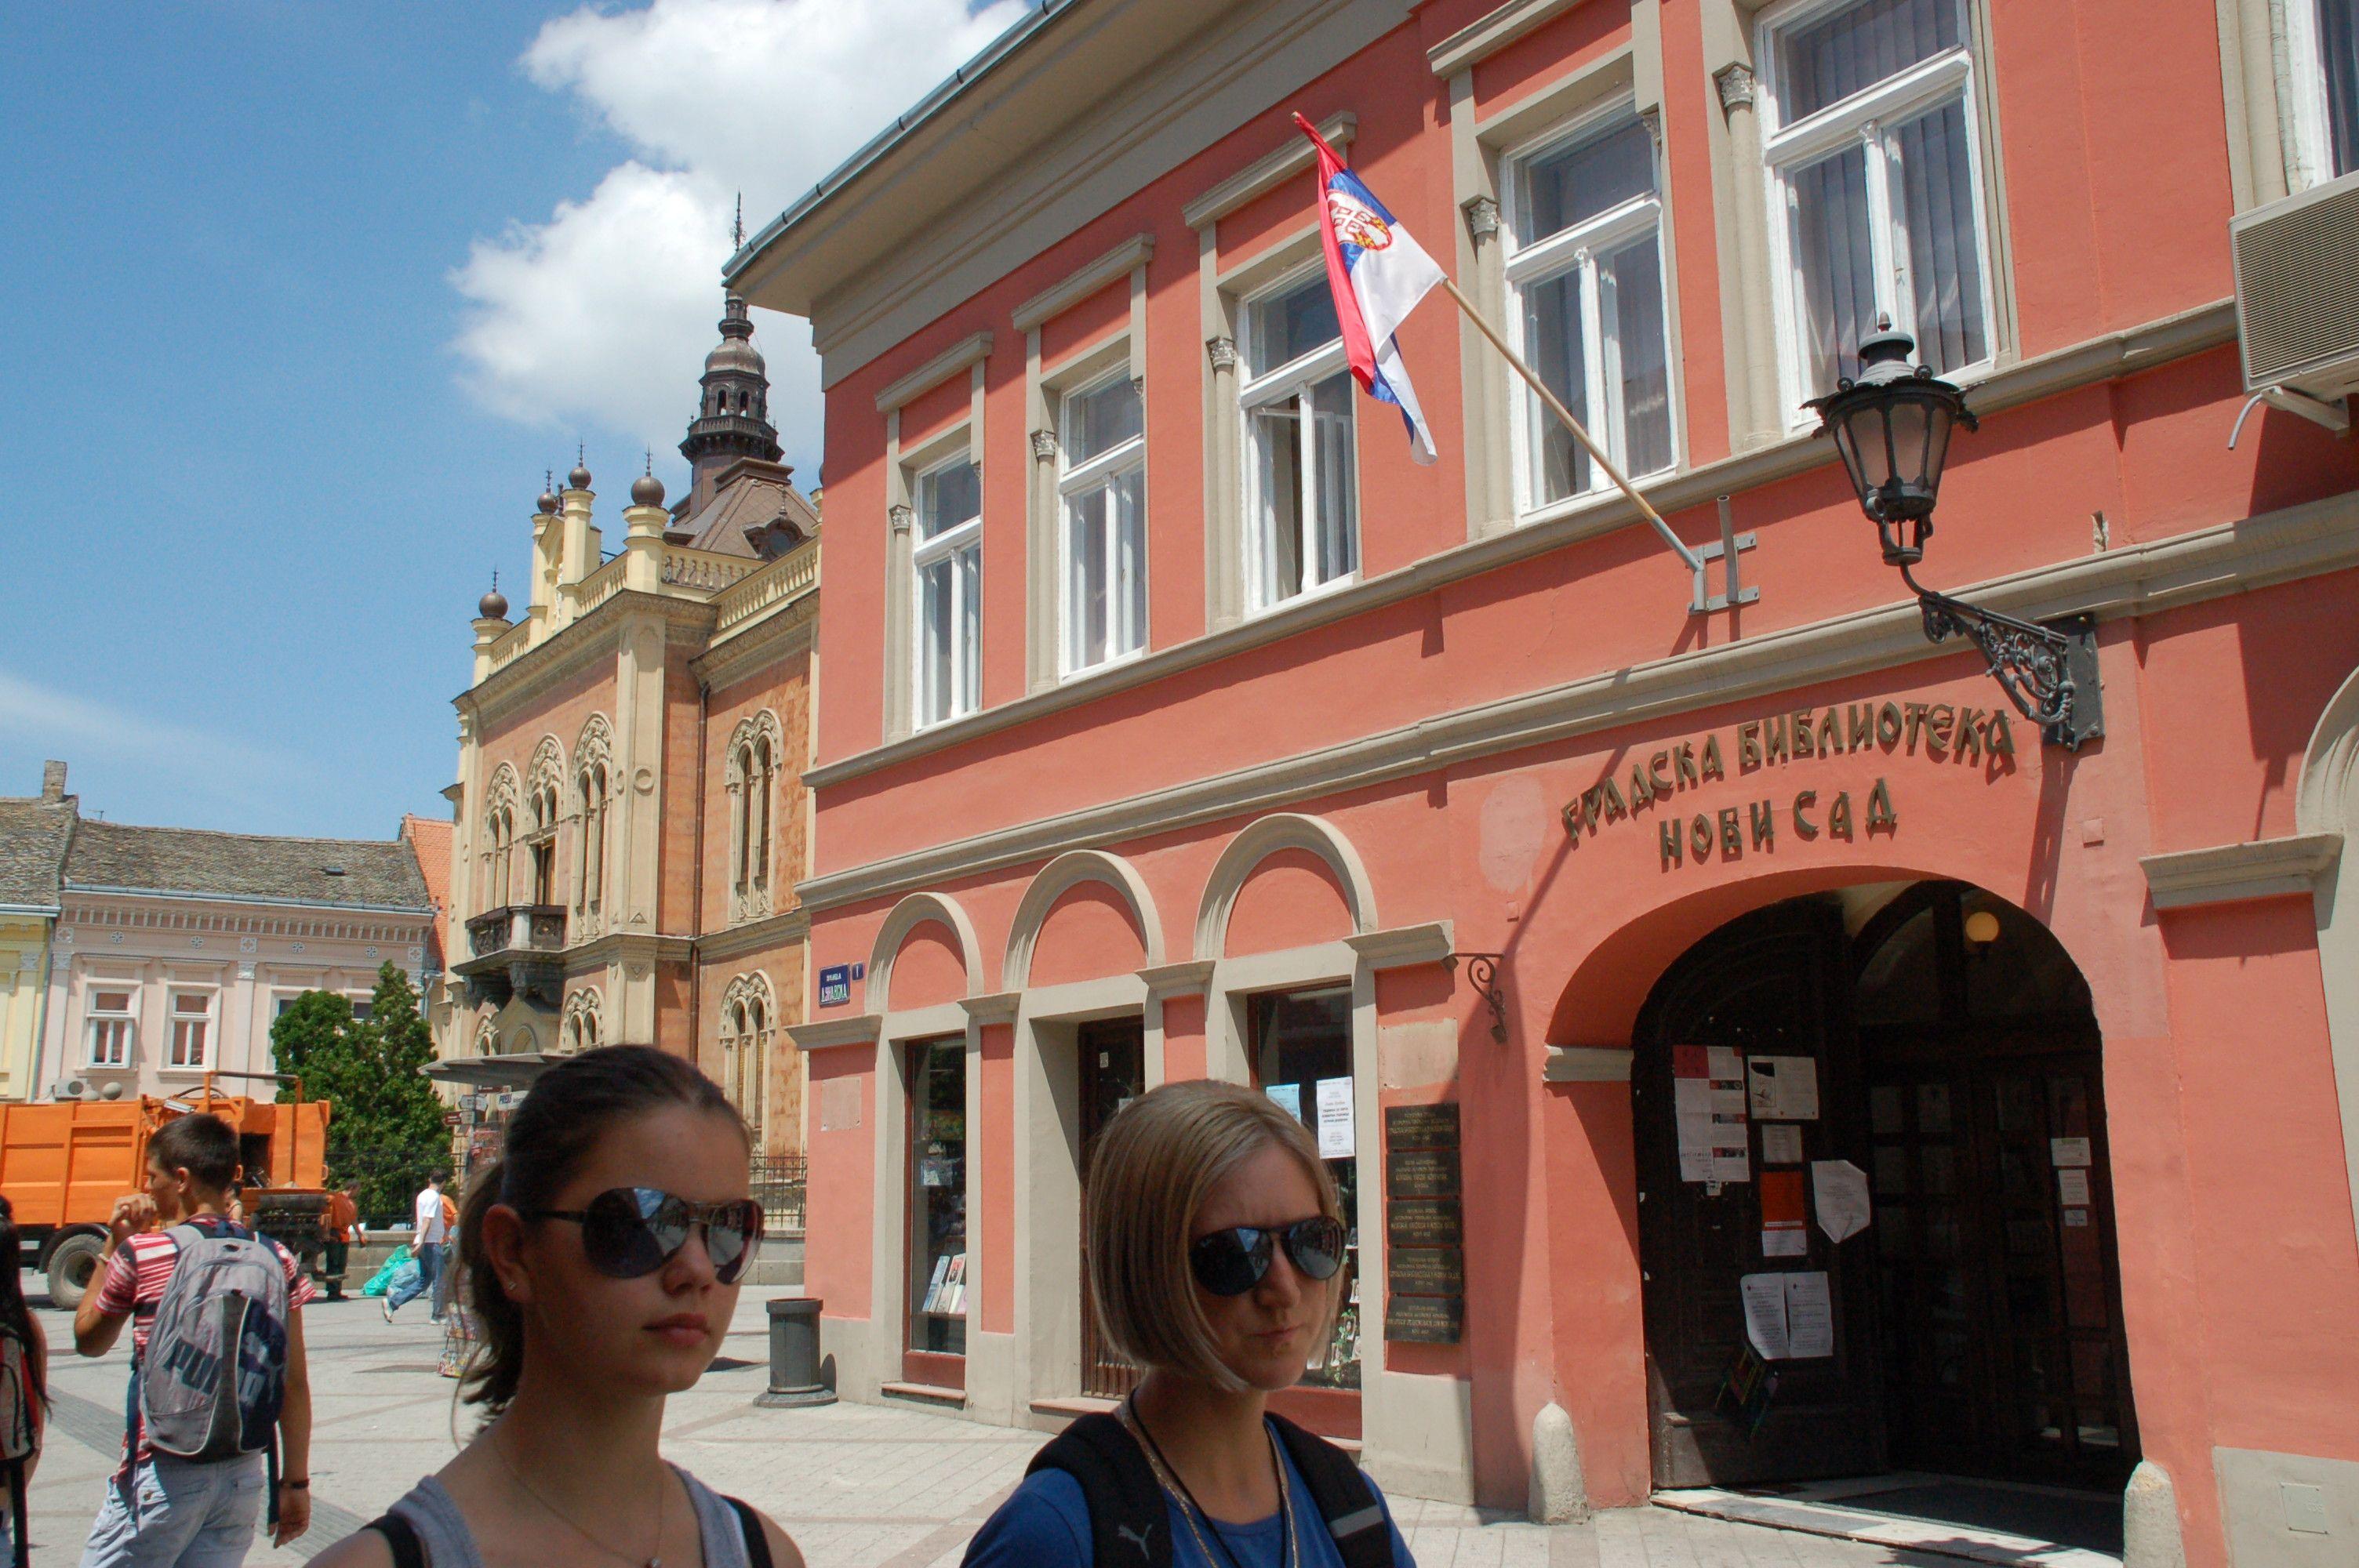 Zwei junge Frauen vor der Stadtbibliothek von Novi Sad